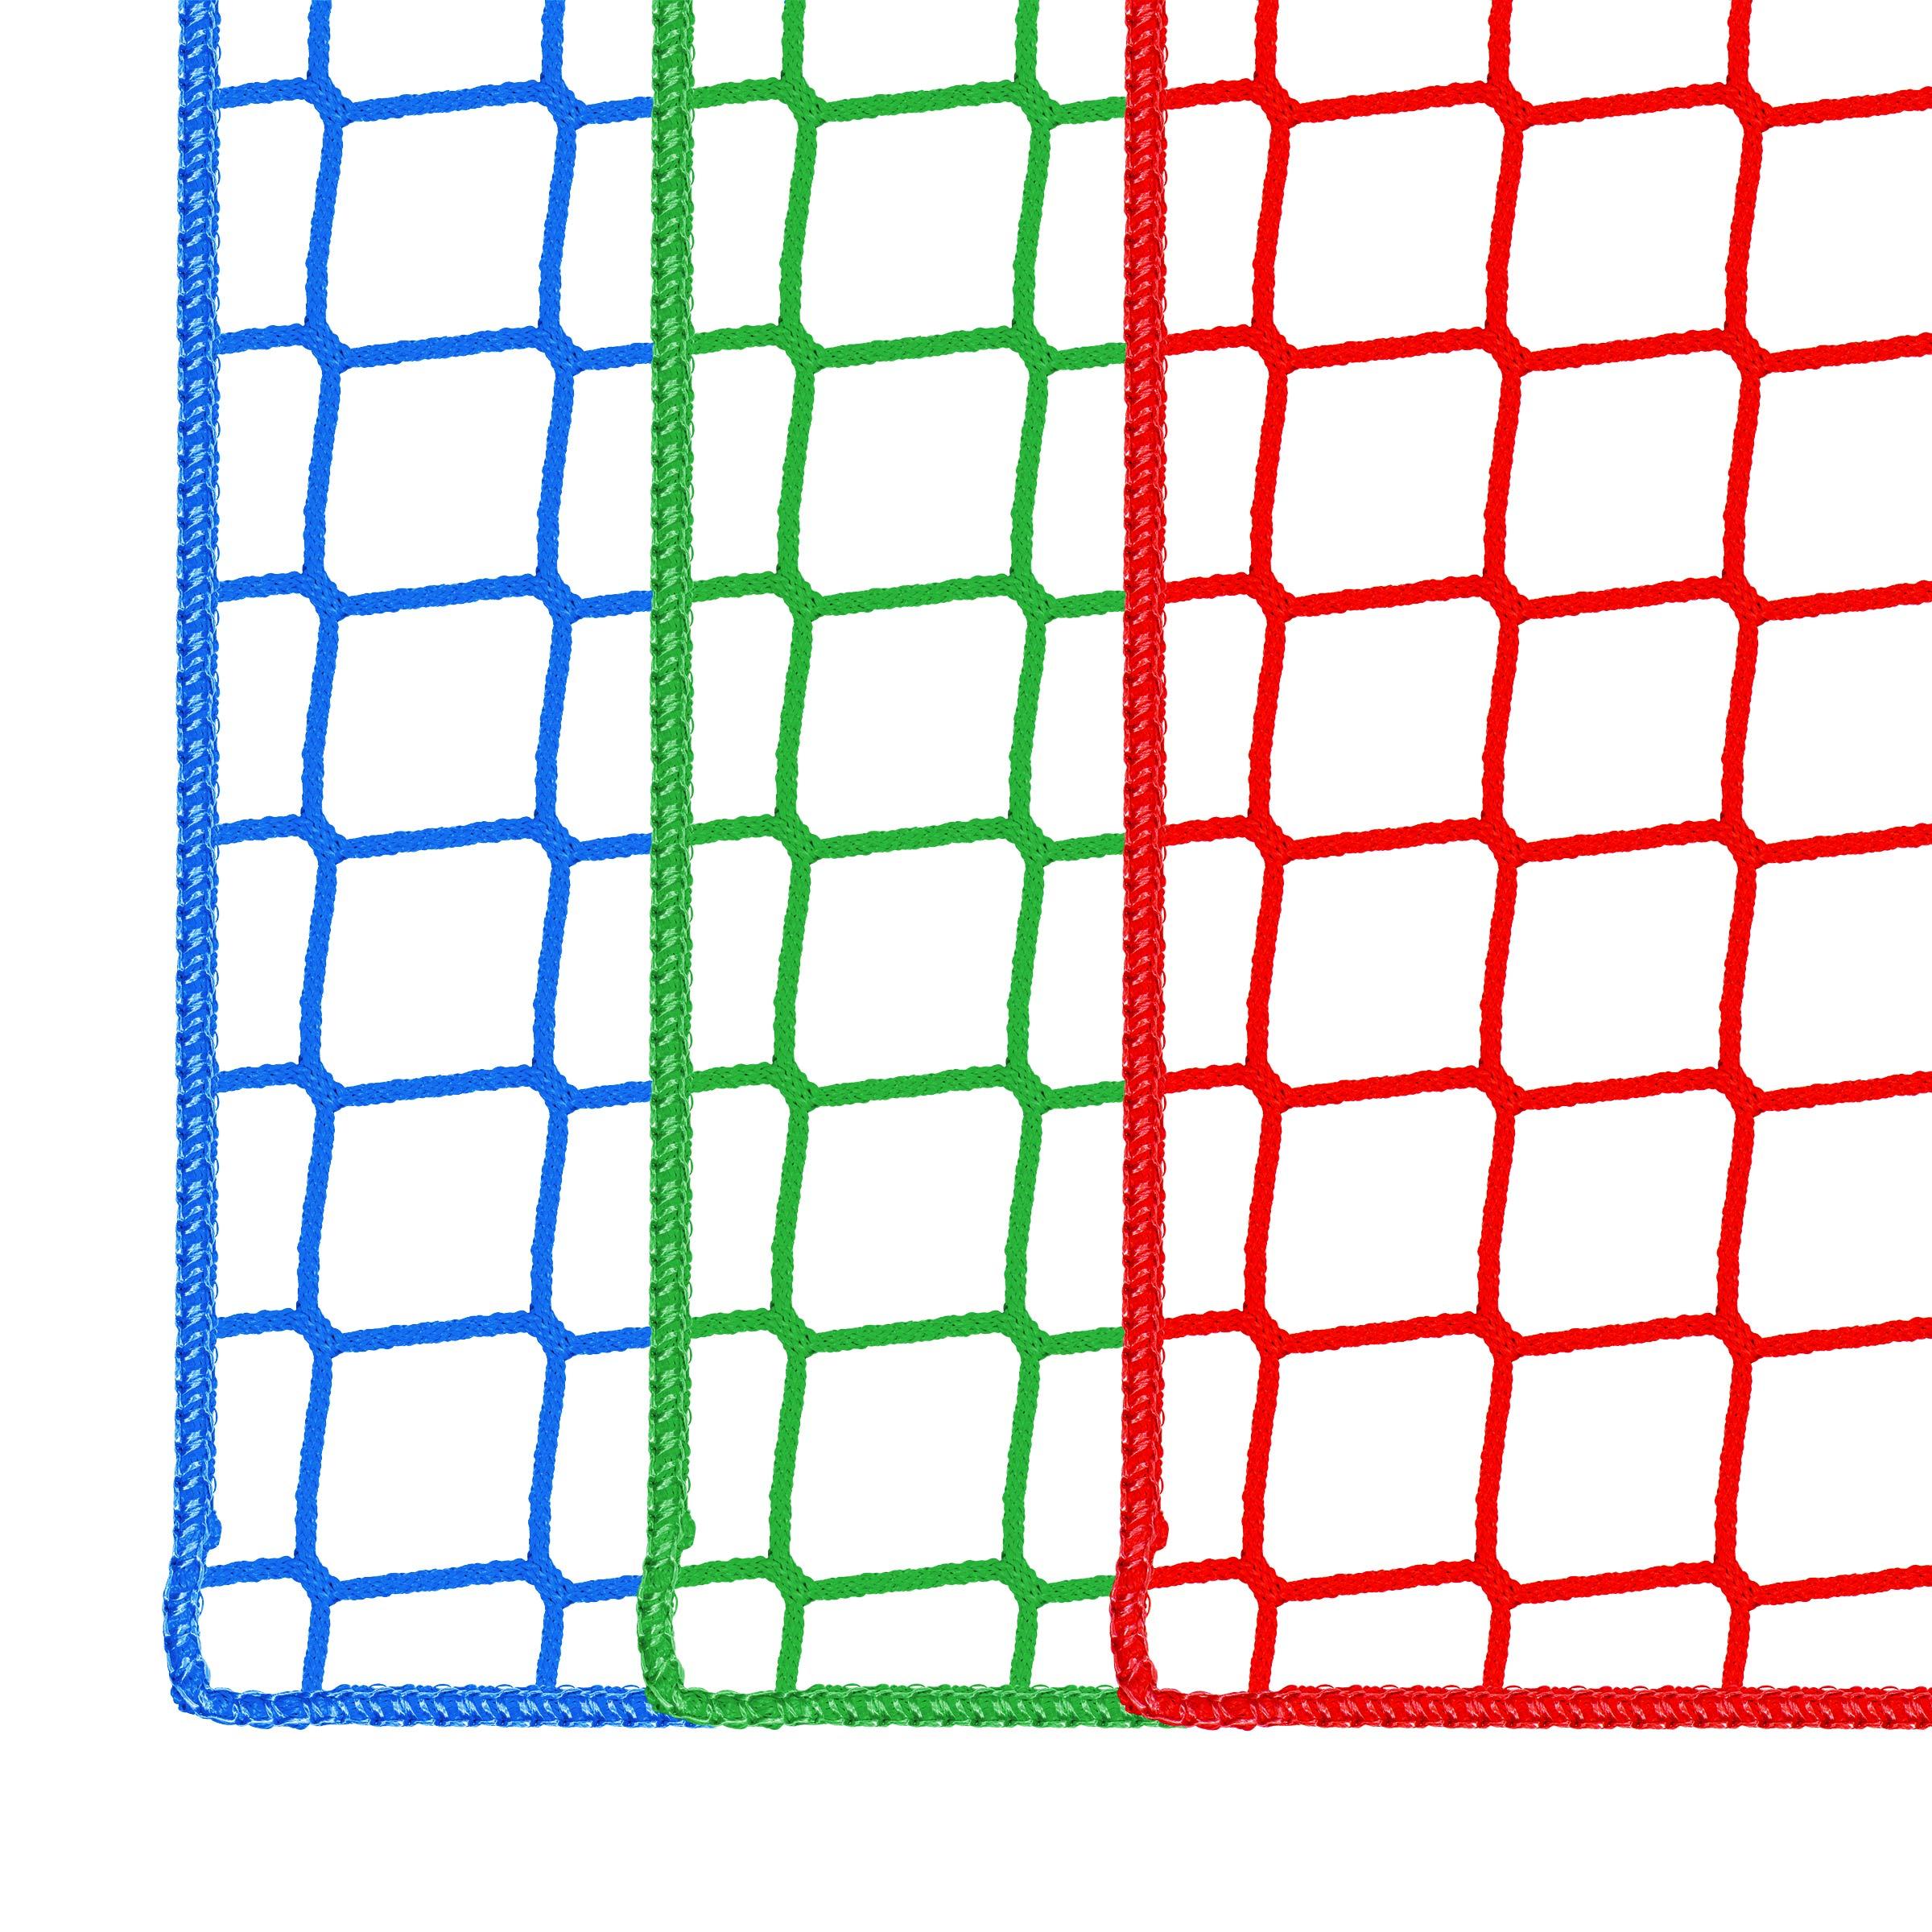 Seitenschutznetz 100 - 2,00 x 10,00 m